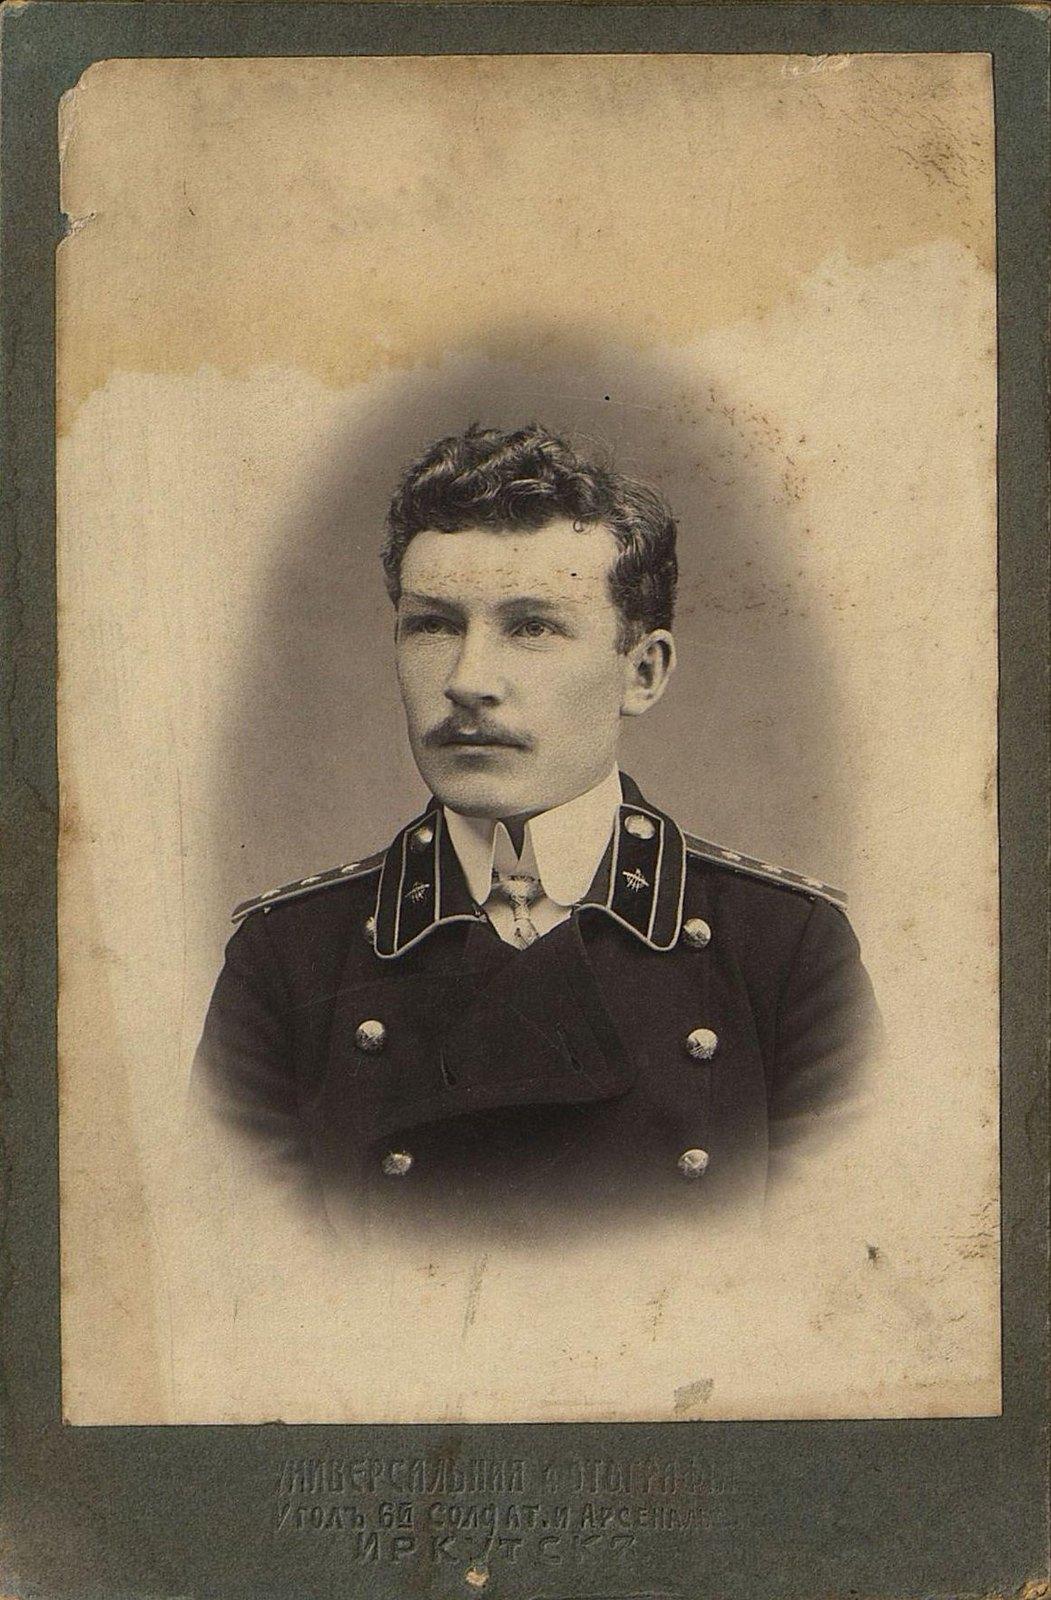 19. Грищенко Ф., участник топографической съёмки местности у озера Байкал. 21 января 1911